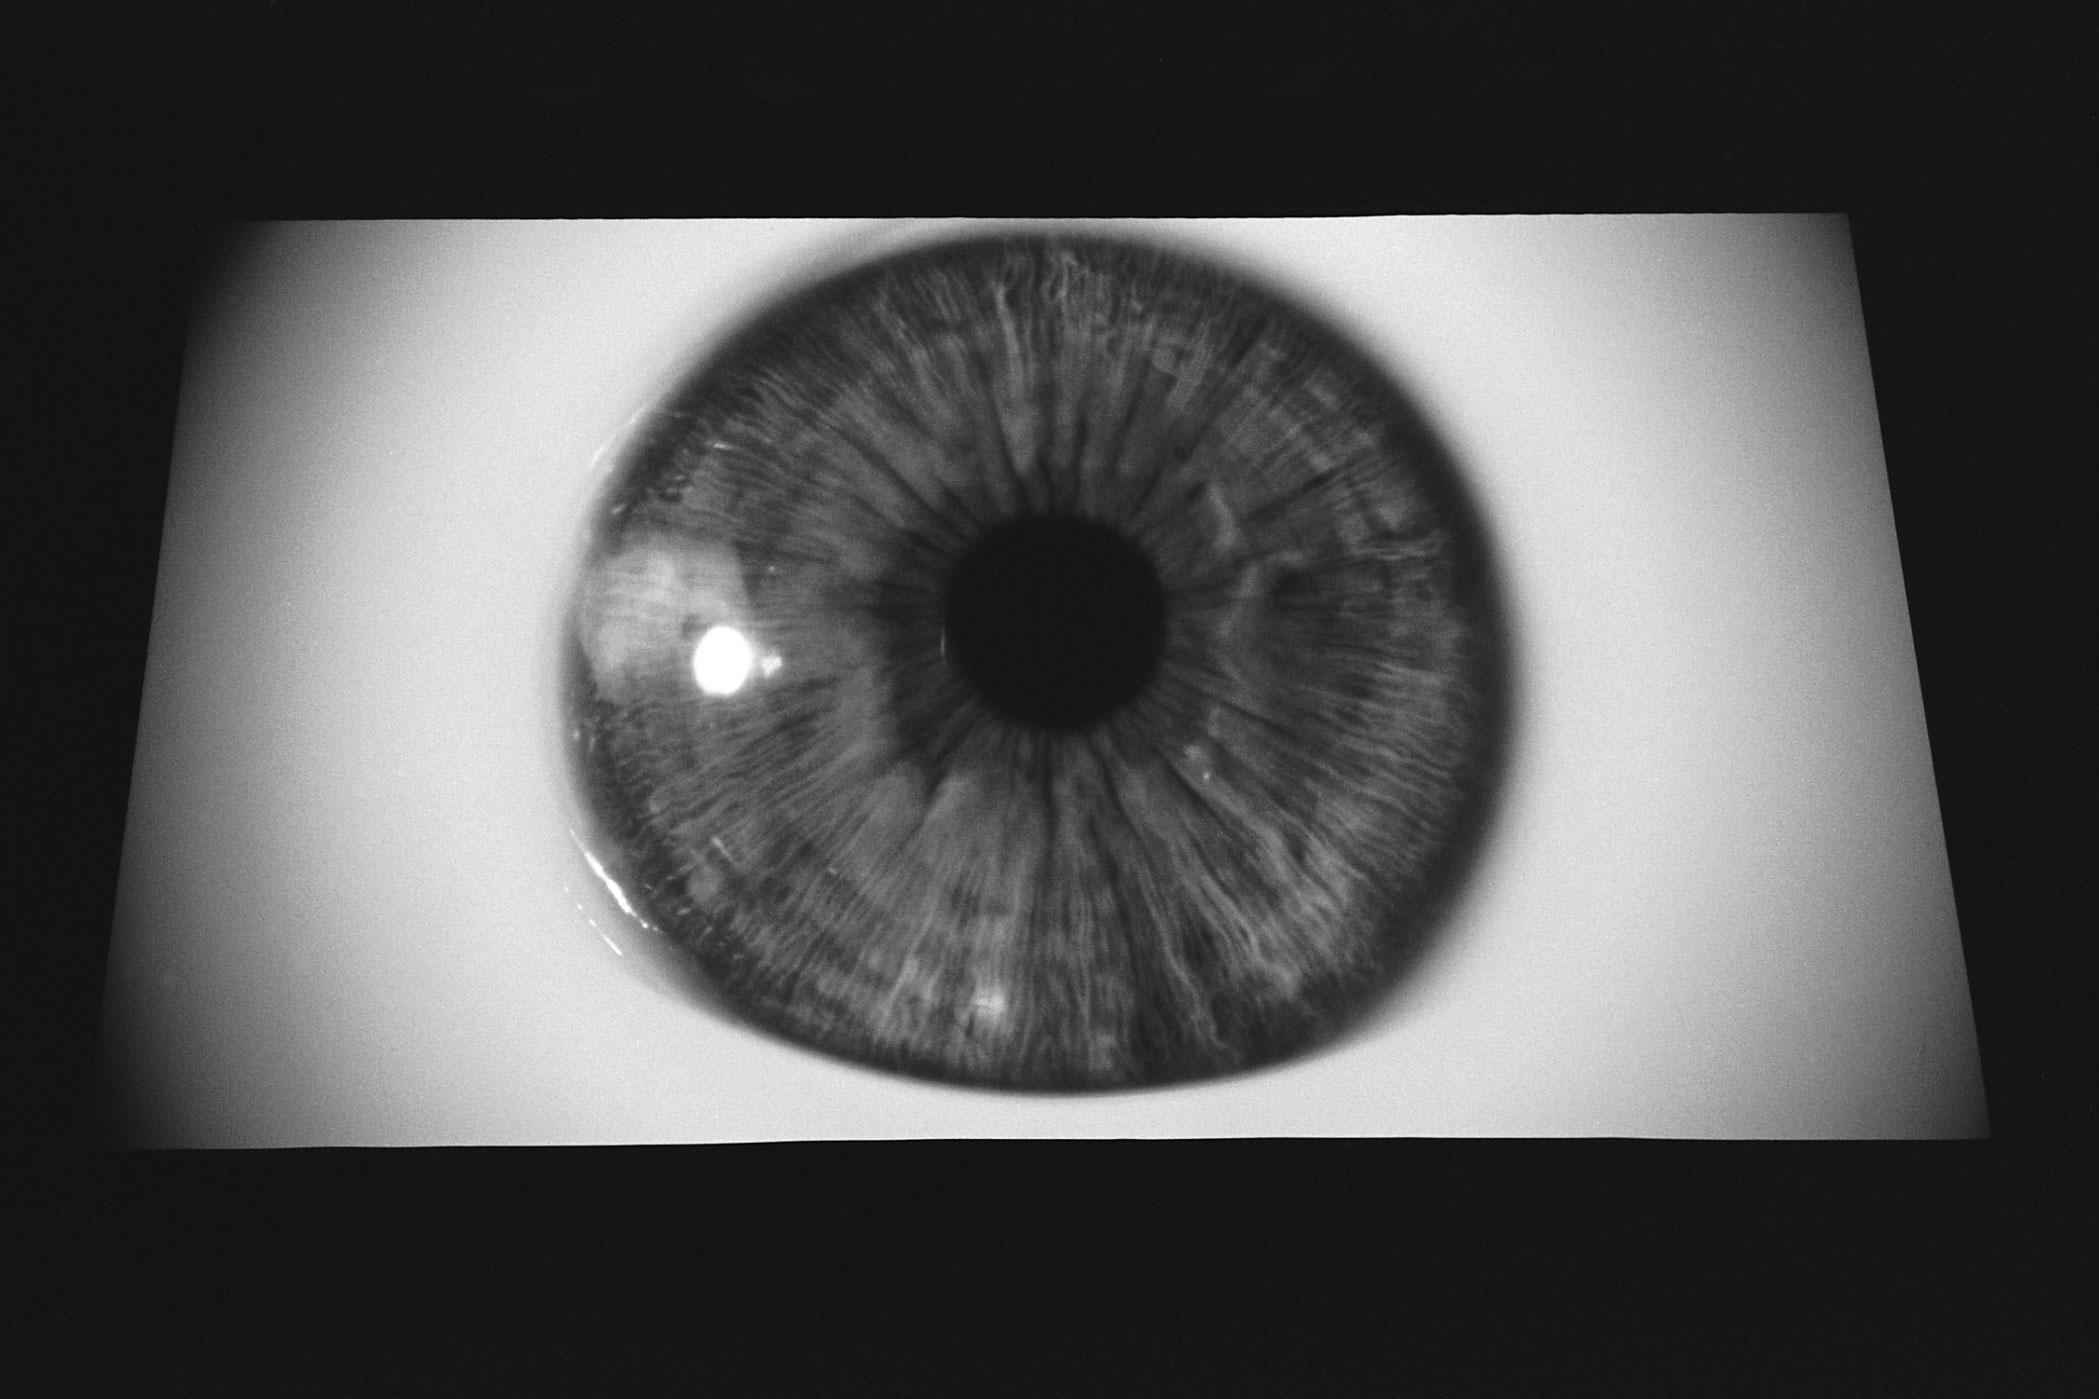 EyeballOnScreen-.27.2014.jpg